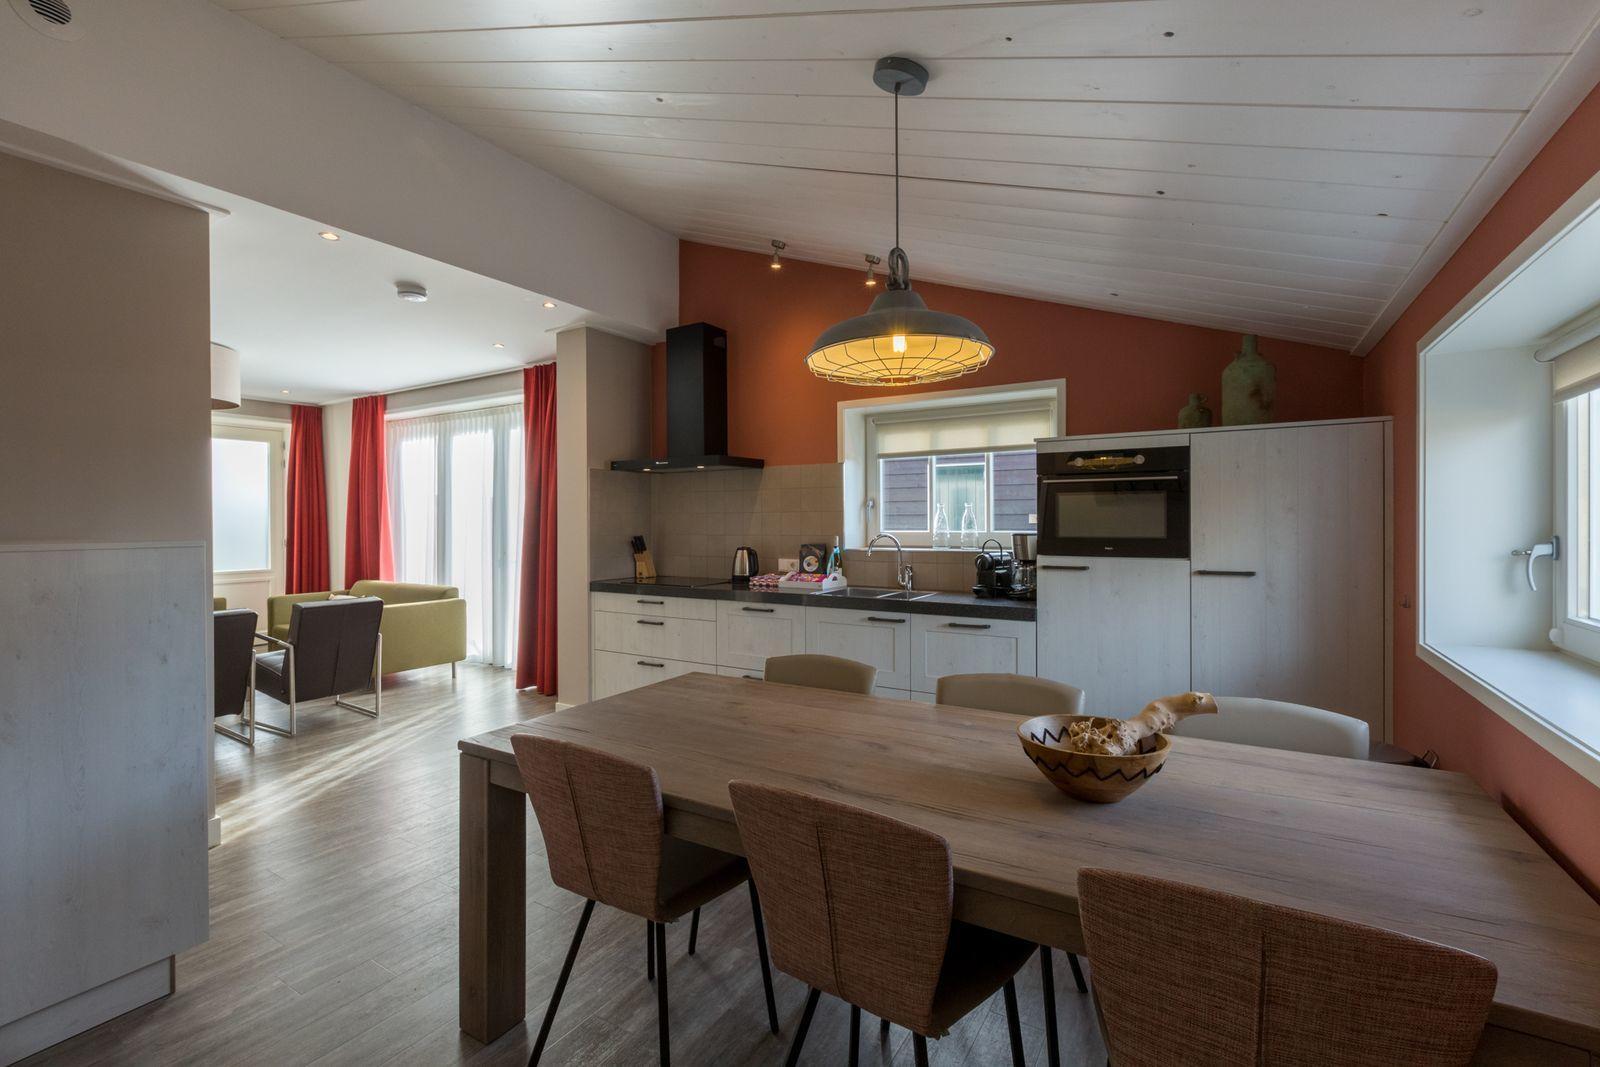 Ferienhaus für 6 Personen ca 60 m² in Oostkapelle Zeeland Küste von Zeeland